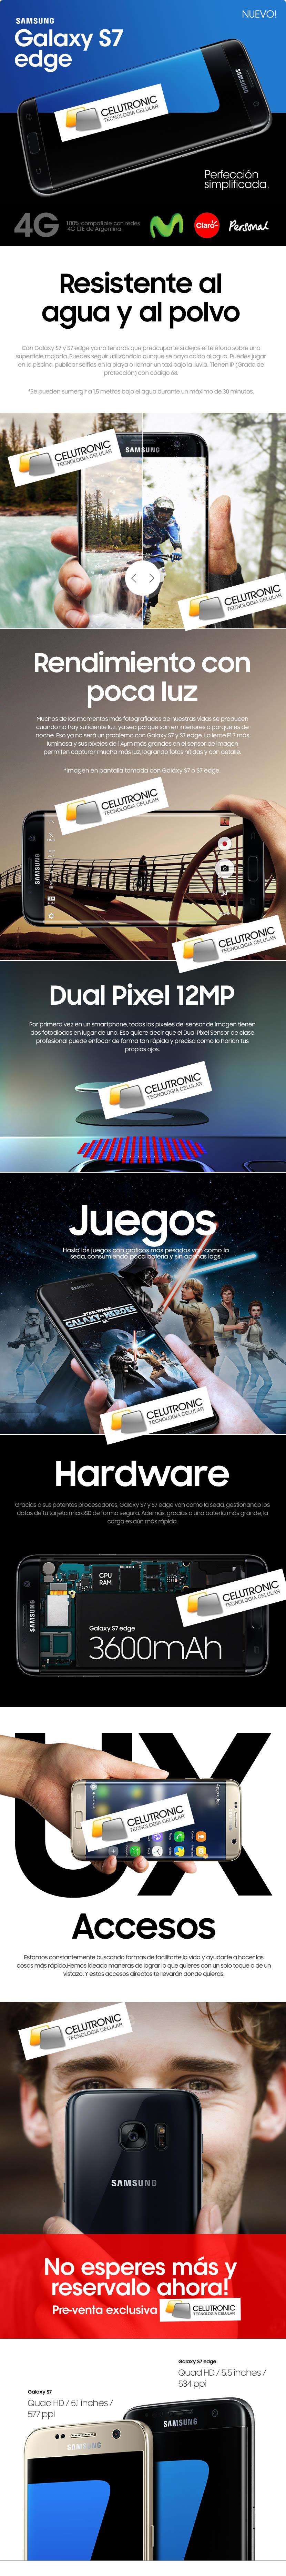 SAMSUNG GALAXY S7 G930I LIBRE 4G LTE EN ARGENTINA AL MEJOR PRECIO